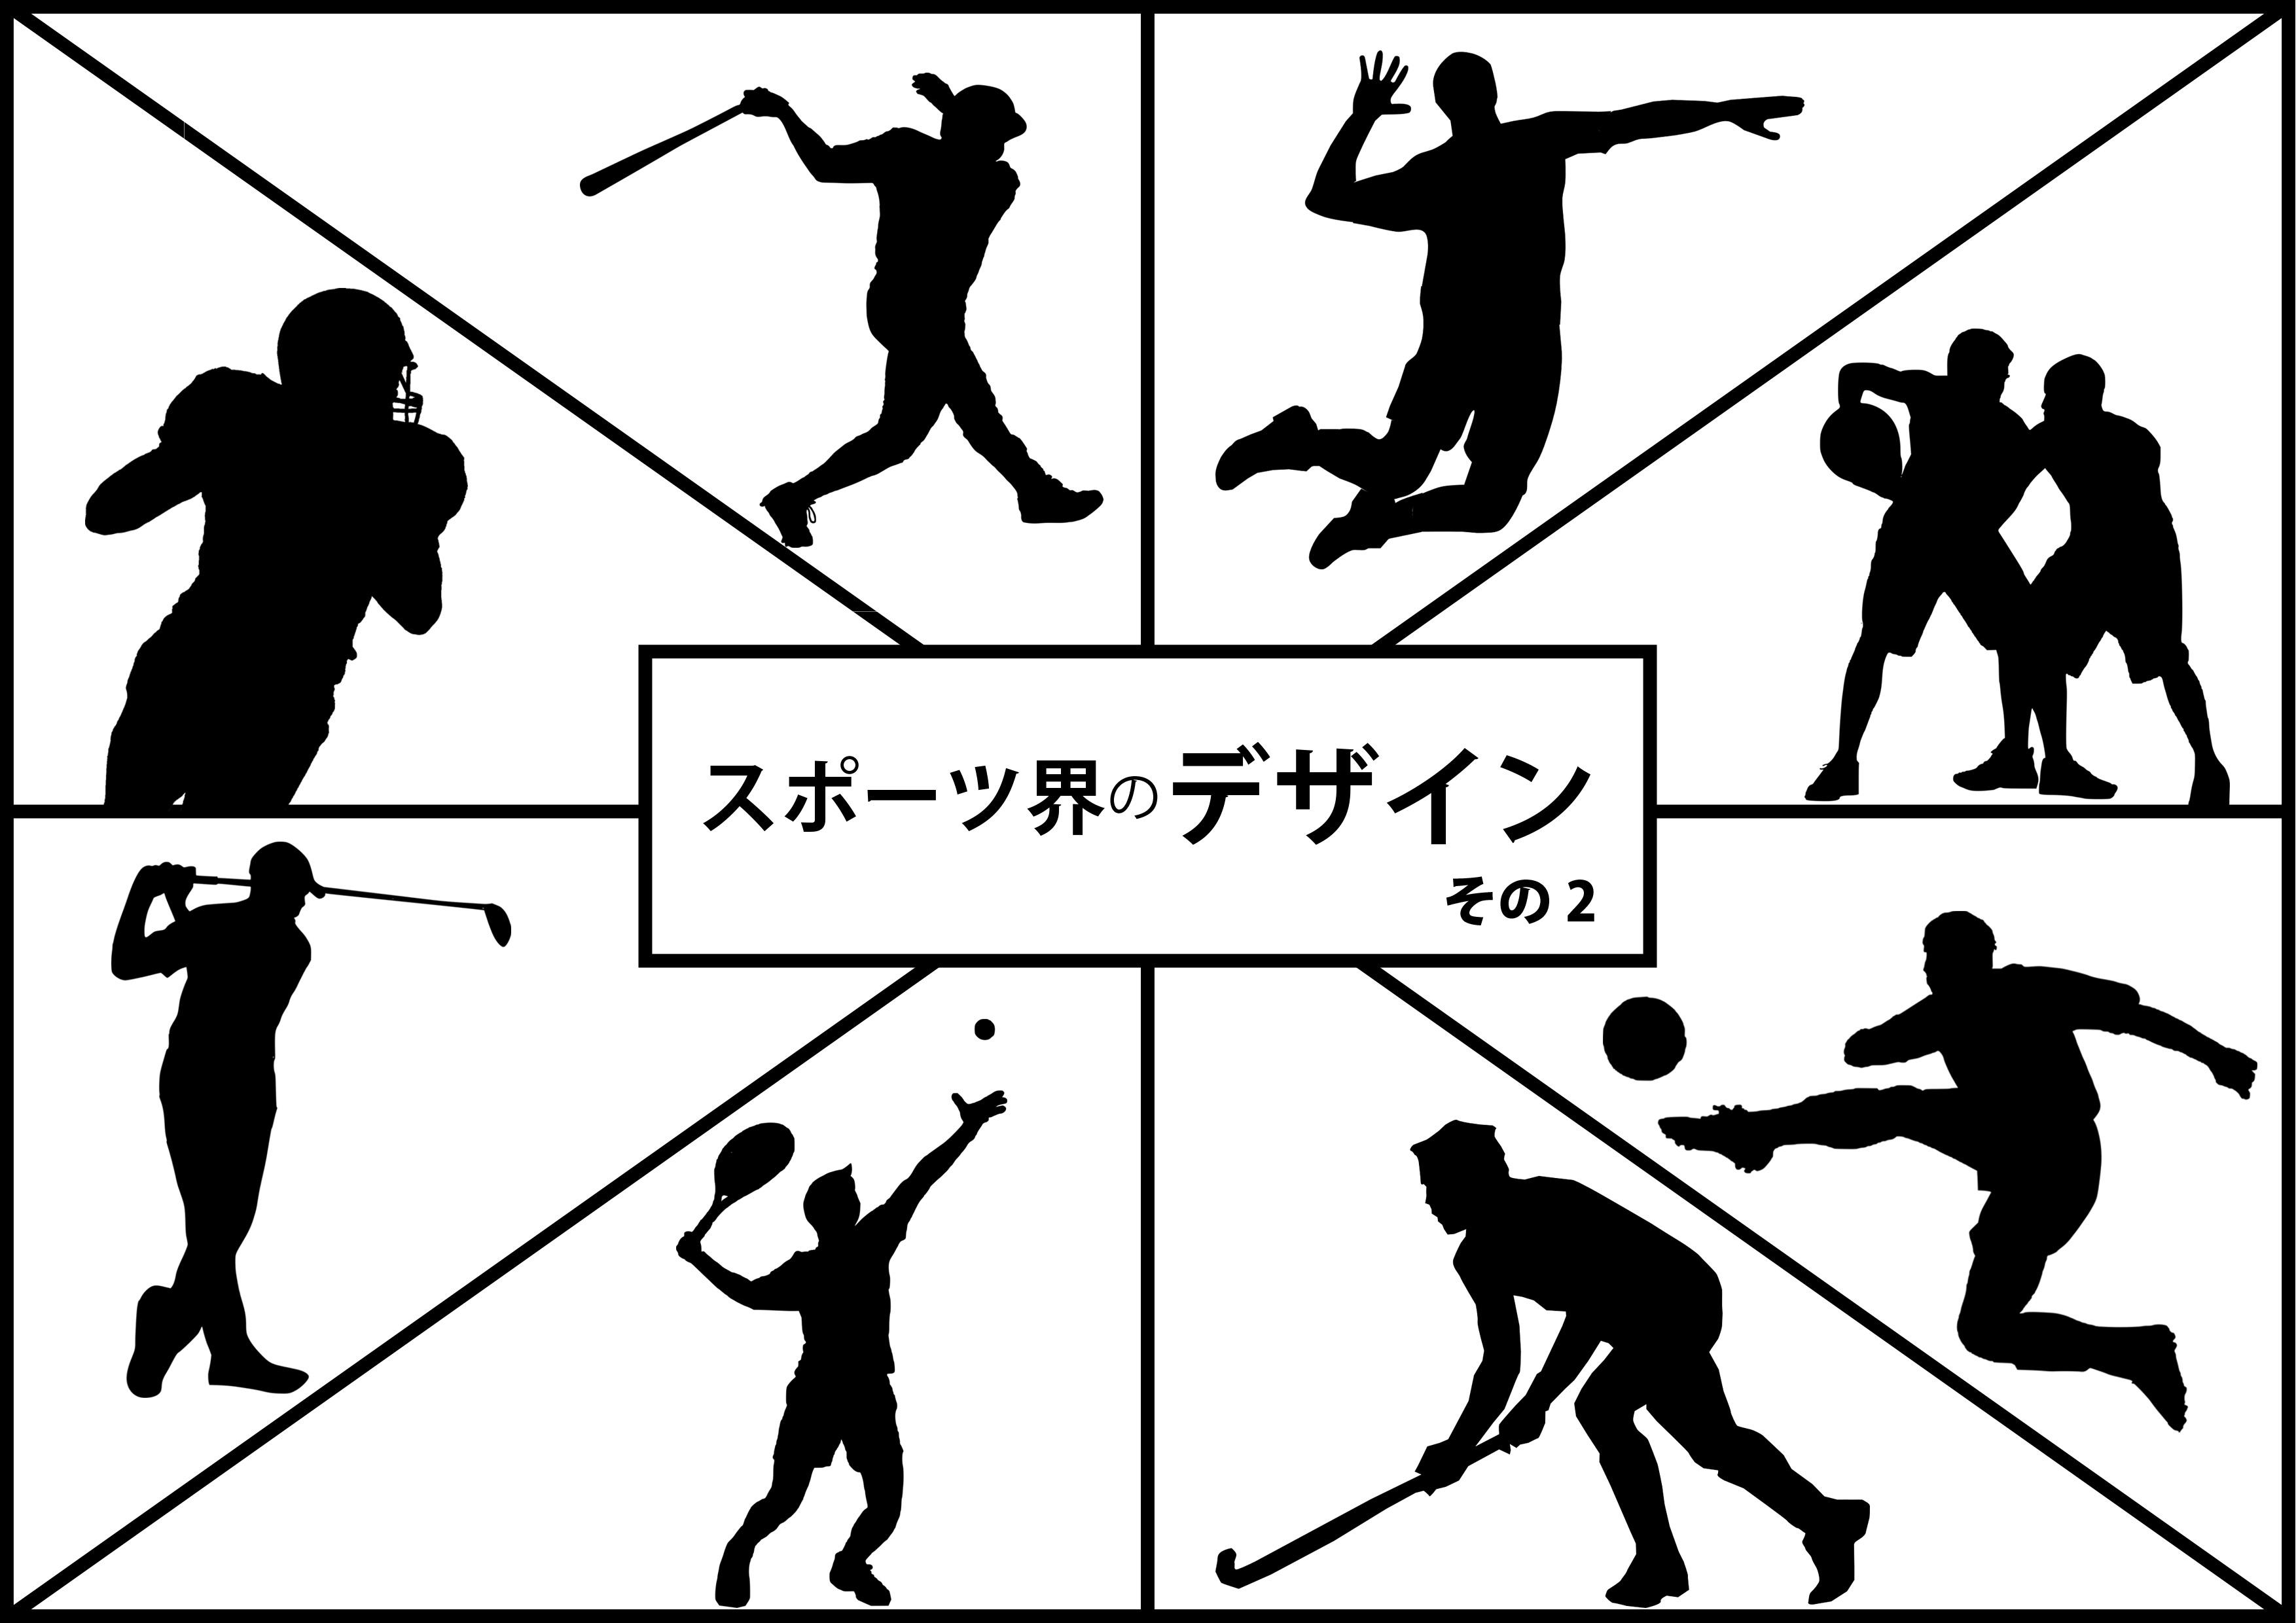 スポーツ界のデザイン 第2弾 イメージ